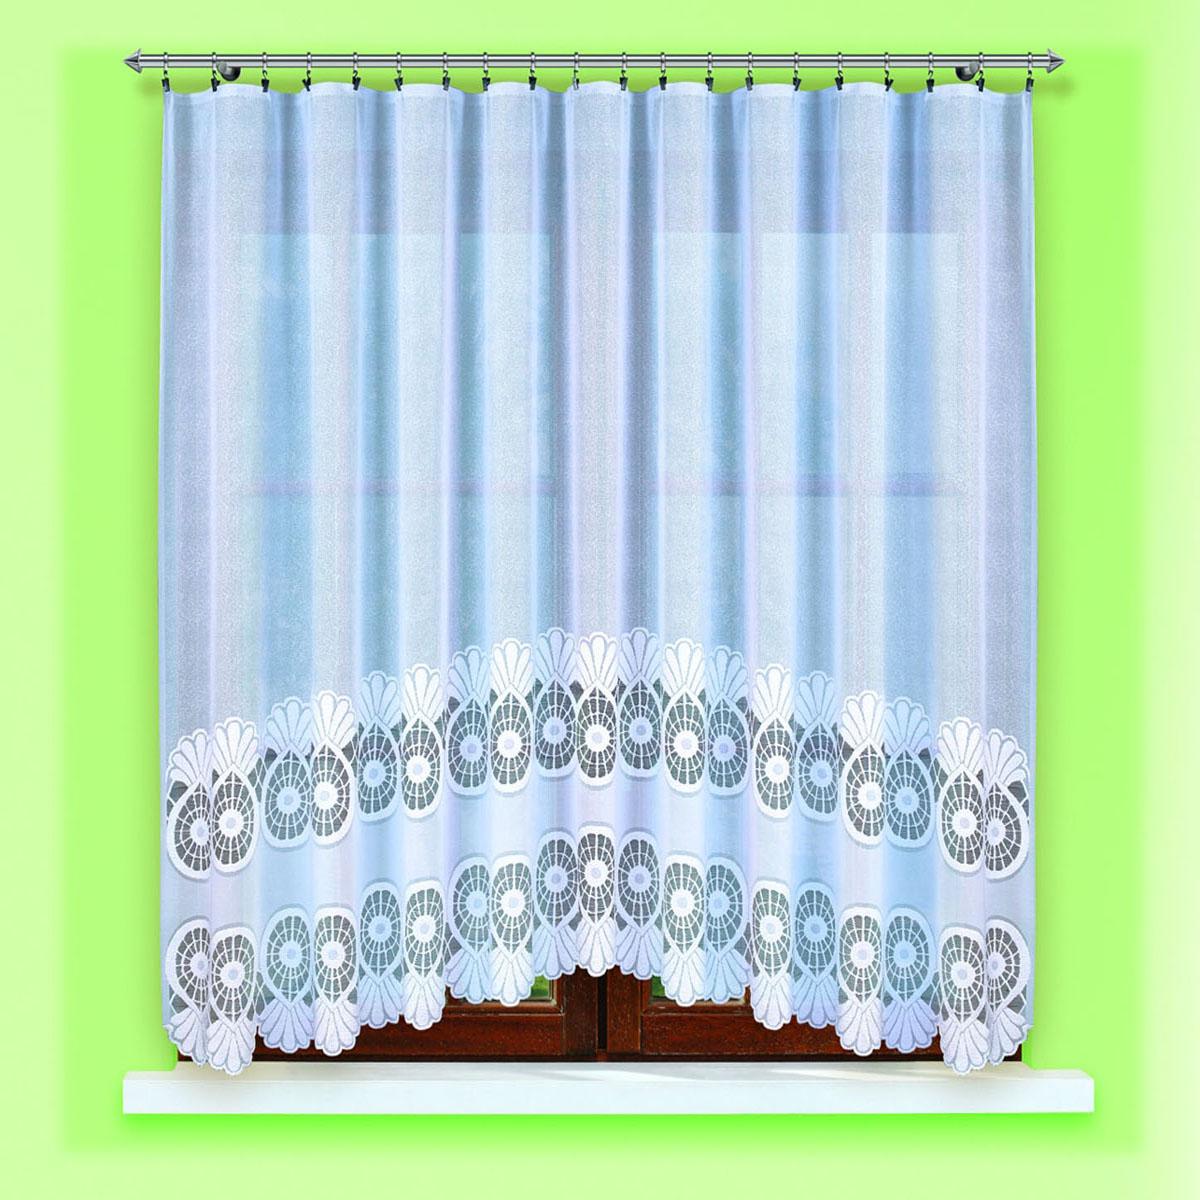 Гардина Haft, цвет: белый, ширина 300 см, высота 150 см. 46960/15046960/150жаккардовая гардидна в кухню белого цветаРазмеры: высота150см*ширина 300см